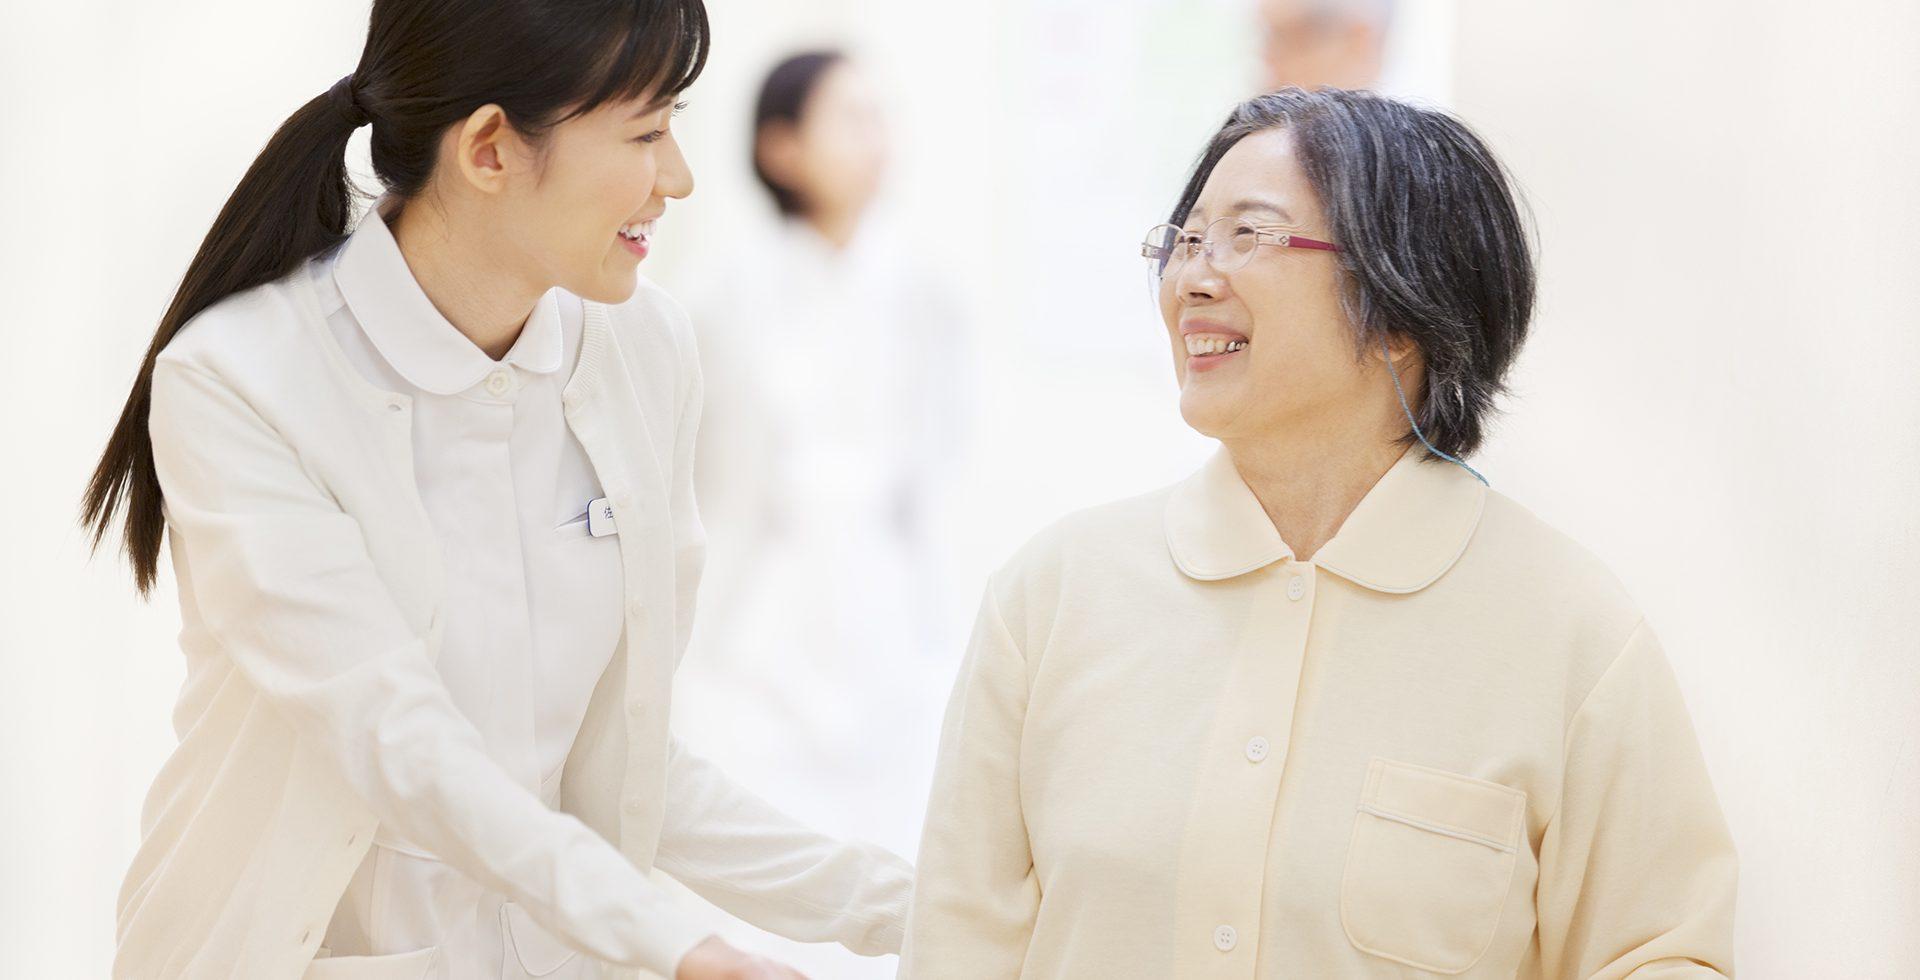 菊池中央病院は地域と連携しています